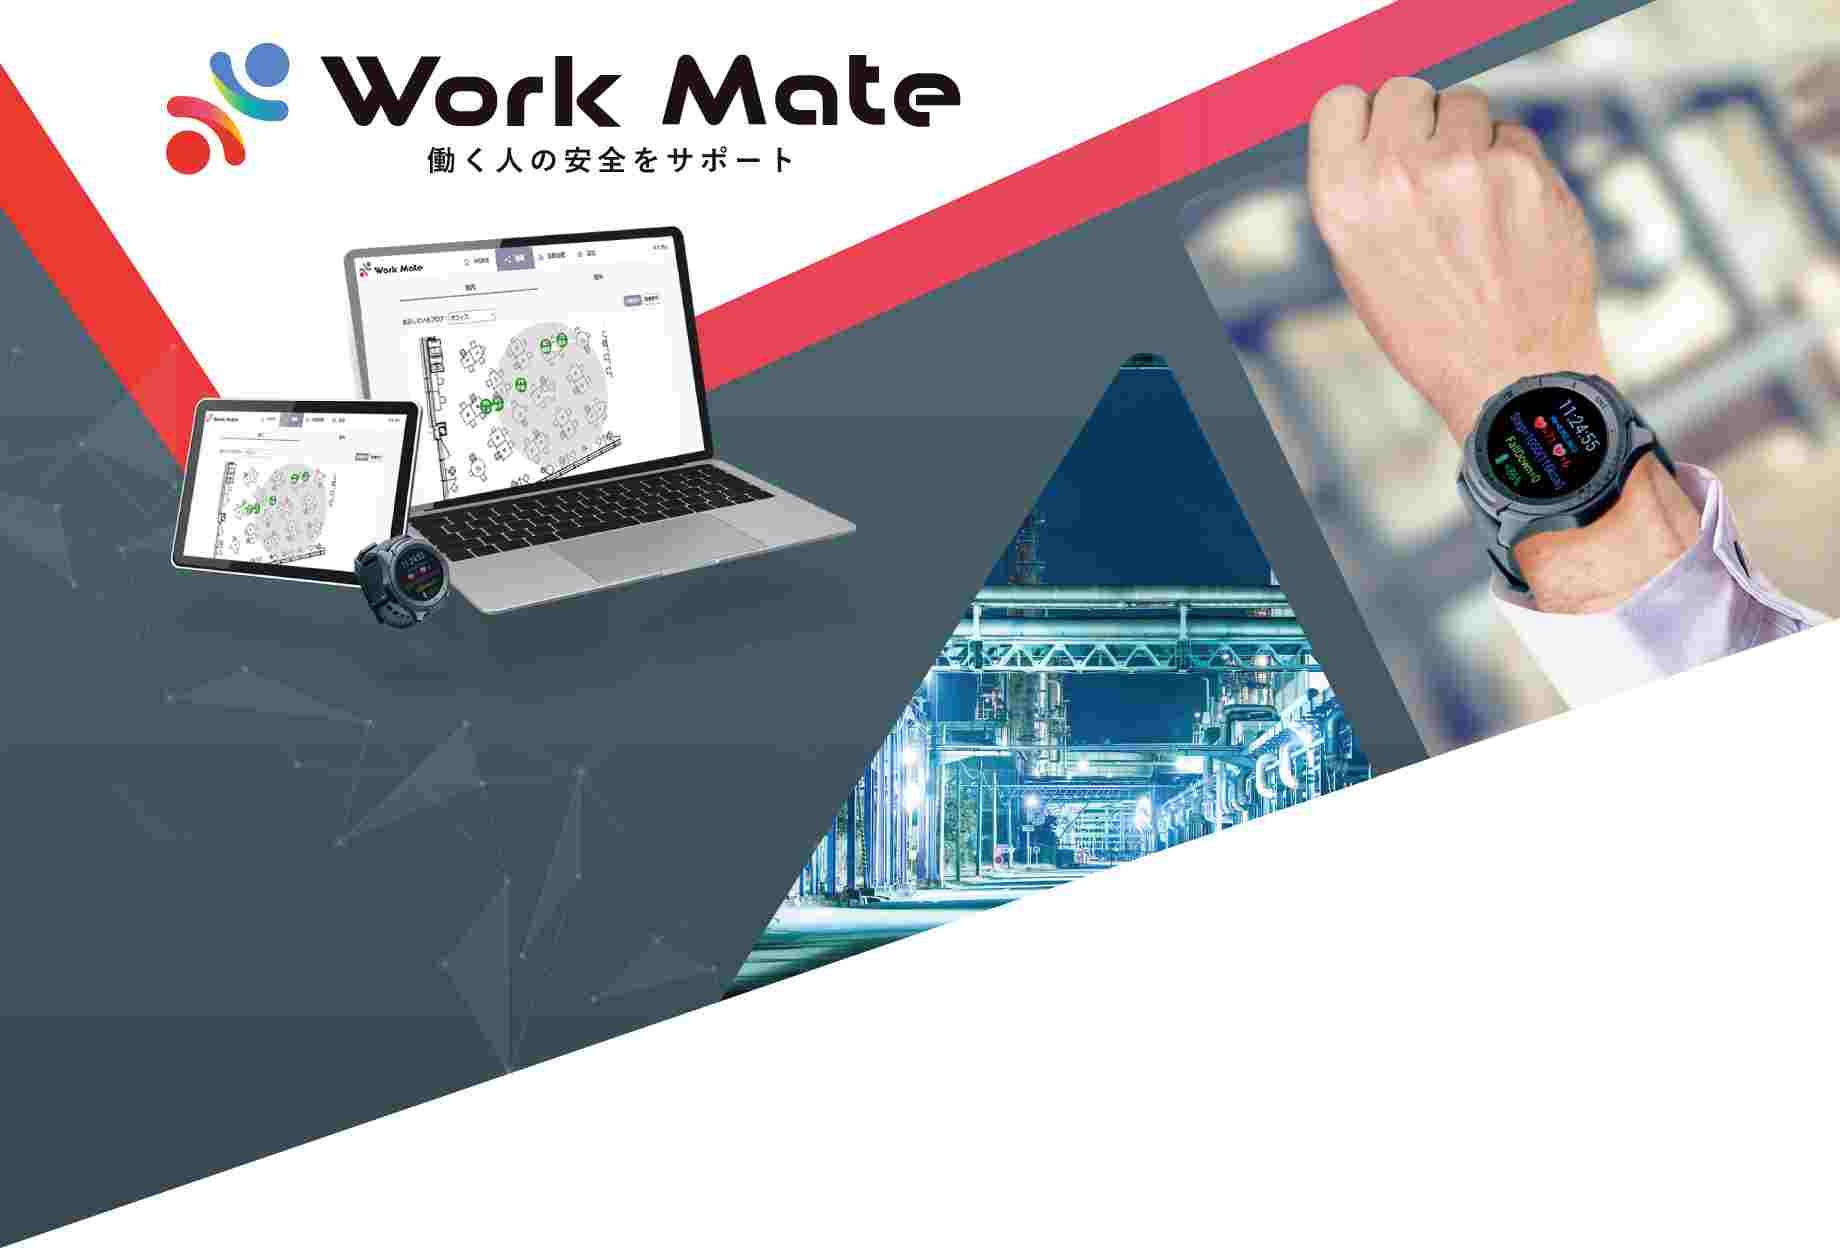 【ビルメンIT・AI】ユビテック: 安全衛生見守り支援サービス「Work Mate」を発売